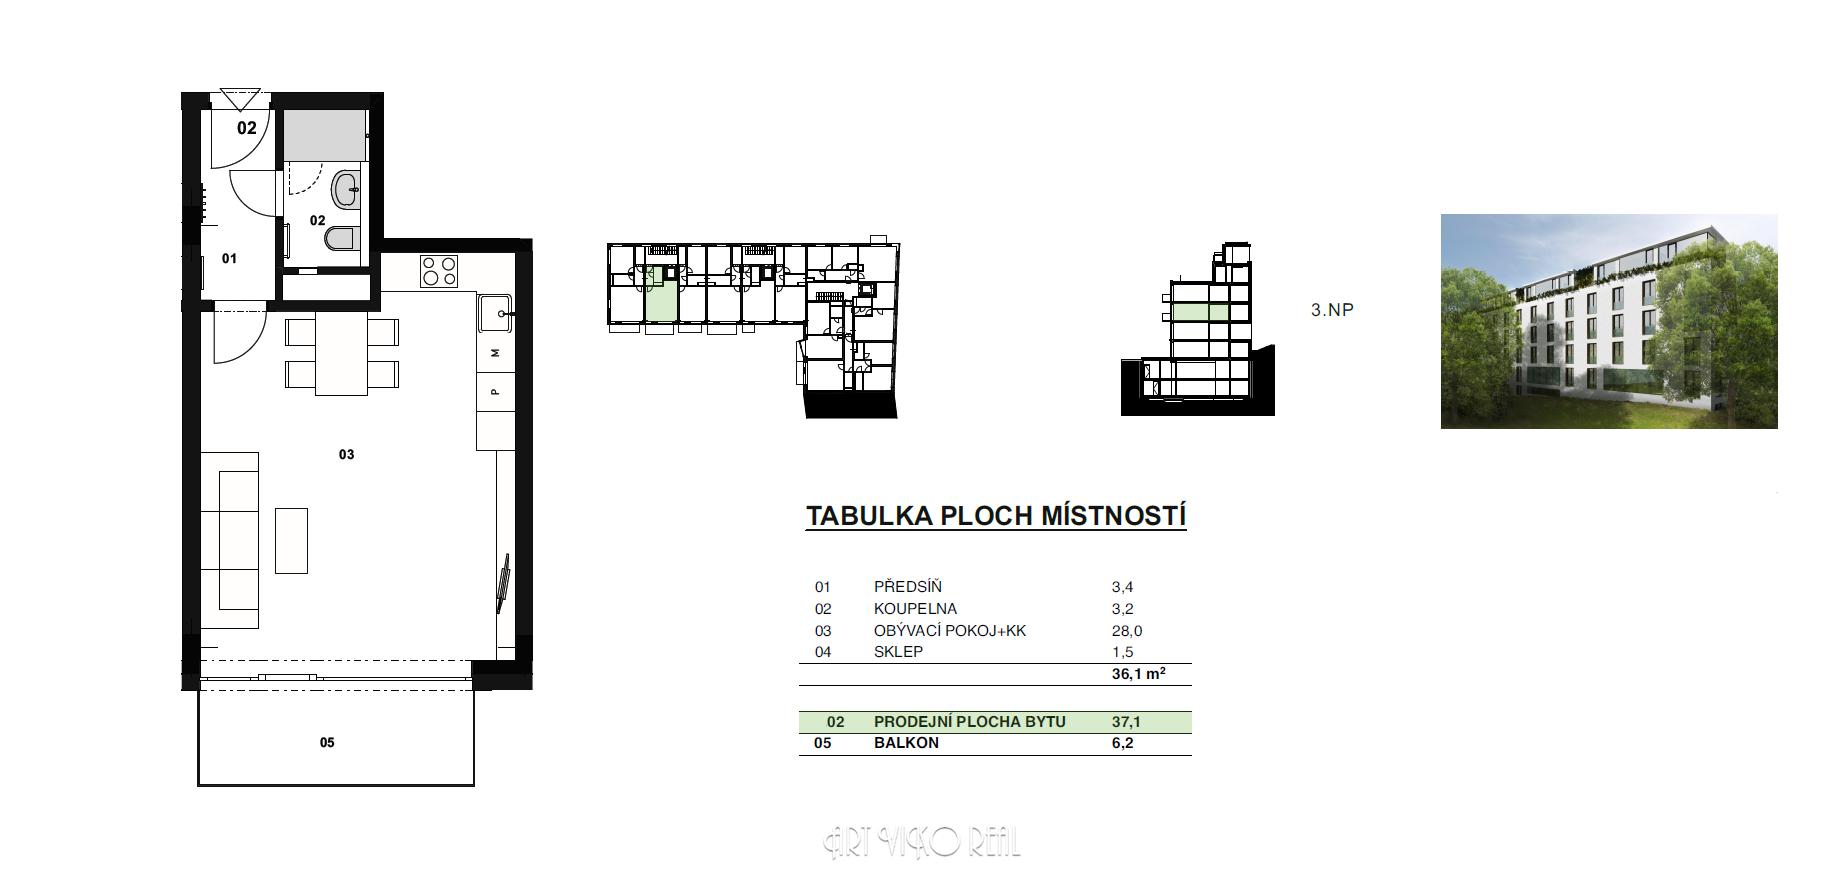 Жилой дом «Приматорска» ID 2635